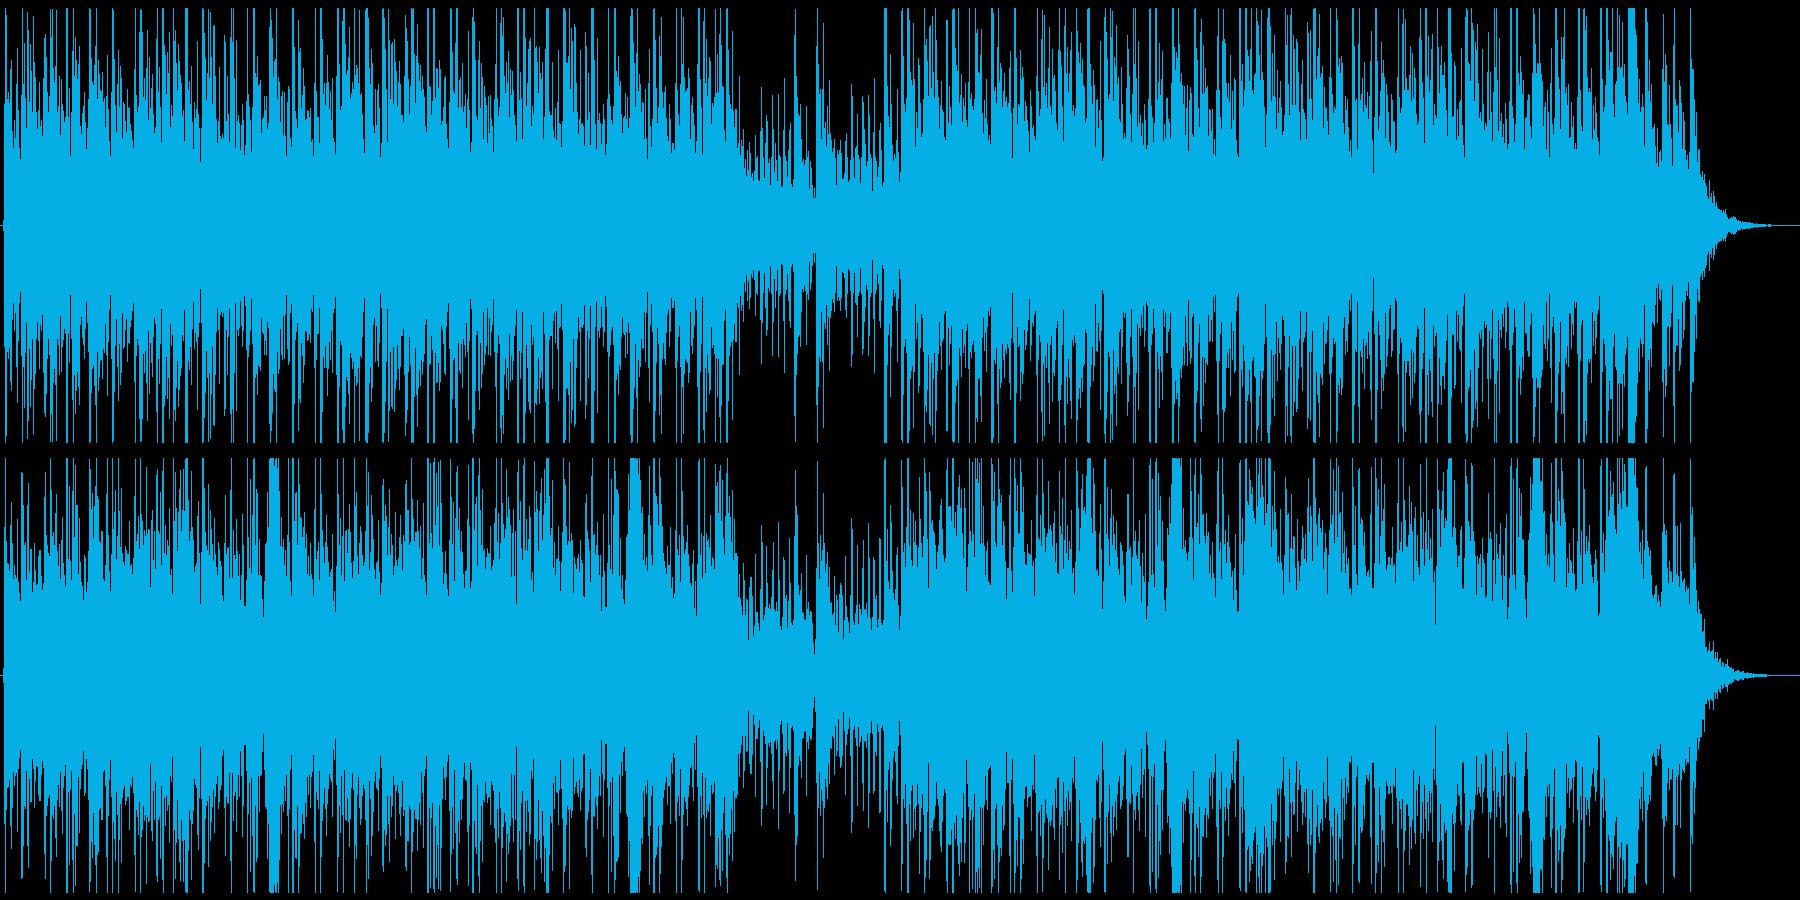 戦闘シーン。幻想的。オーケストラ風の再生済みの波形